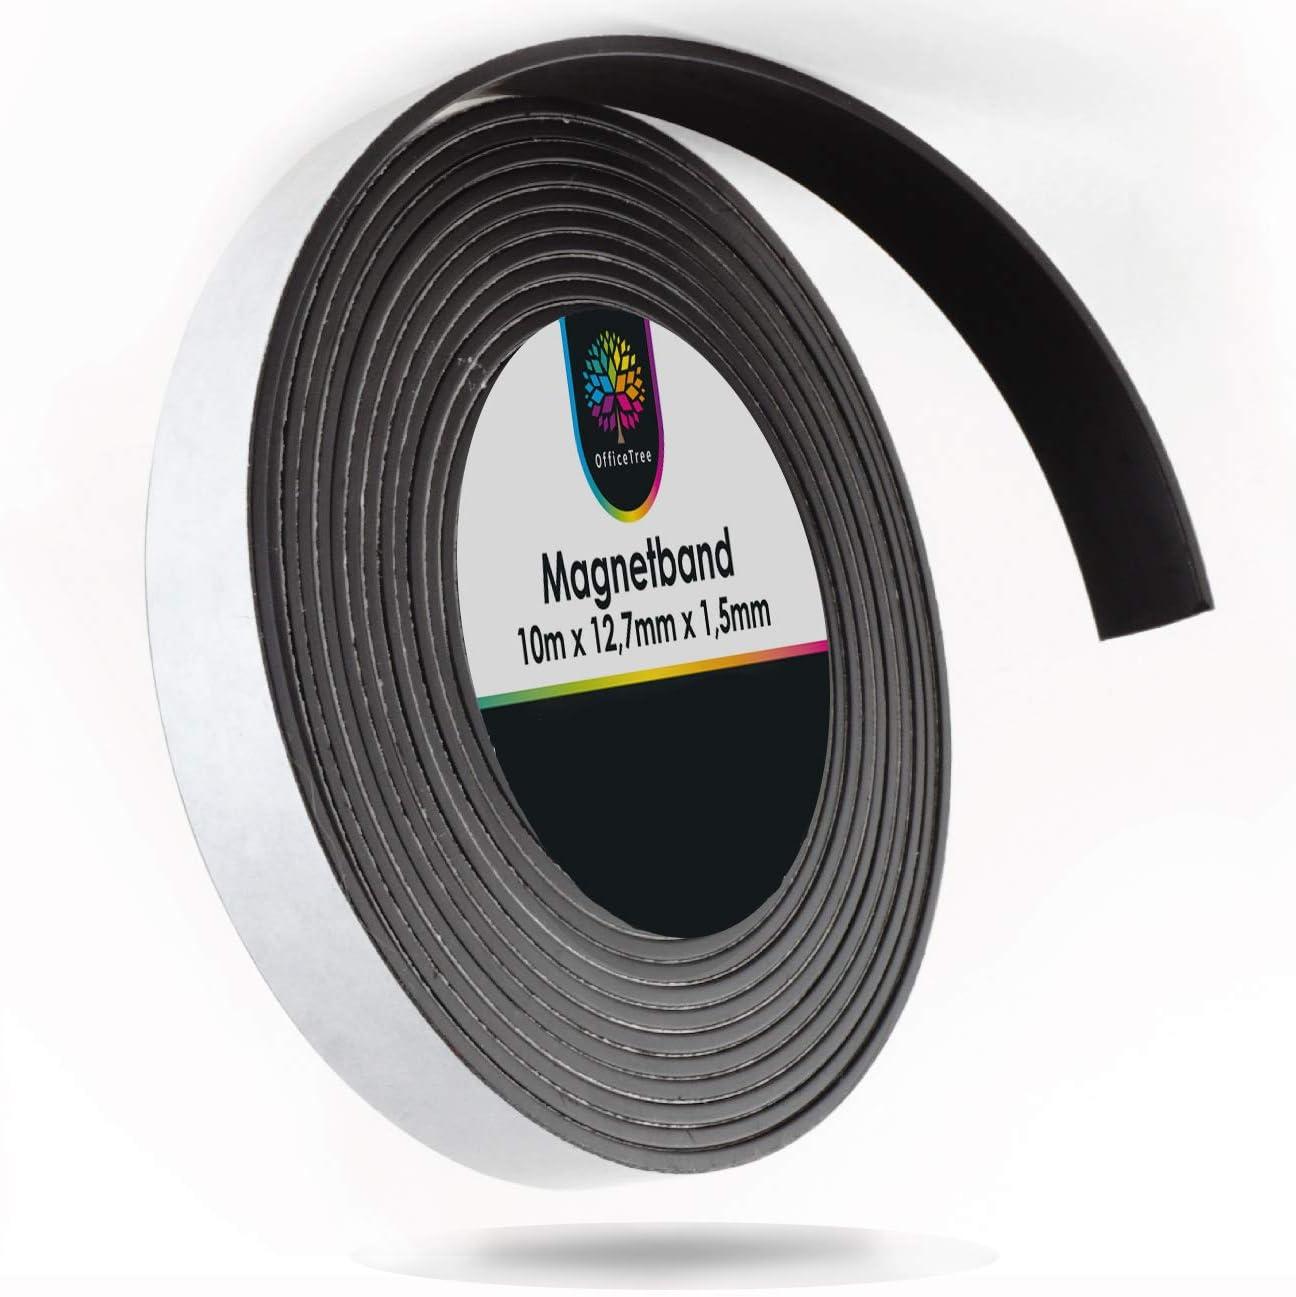 OfficeTree Cinta Magnetica Adhesiva 10 m - Tira de Iman para la imantación Fija de Carteles, Fotos, Papeles - Adherencia Extra Fuerte sobre Pizarra Blanca, Pizarra Magnética - Negro: Amazon.es: Hogar